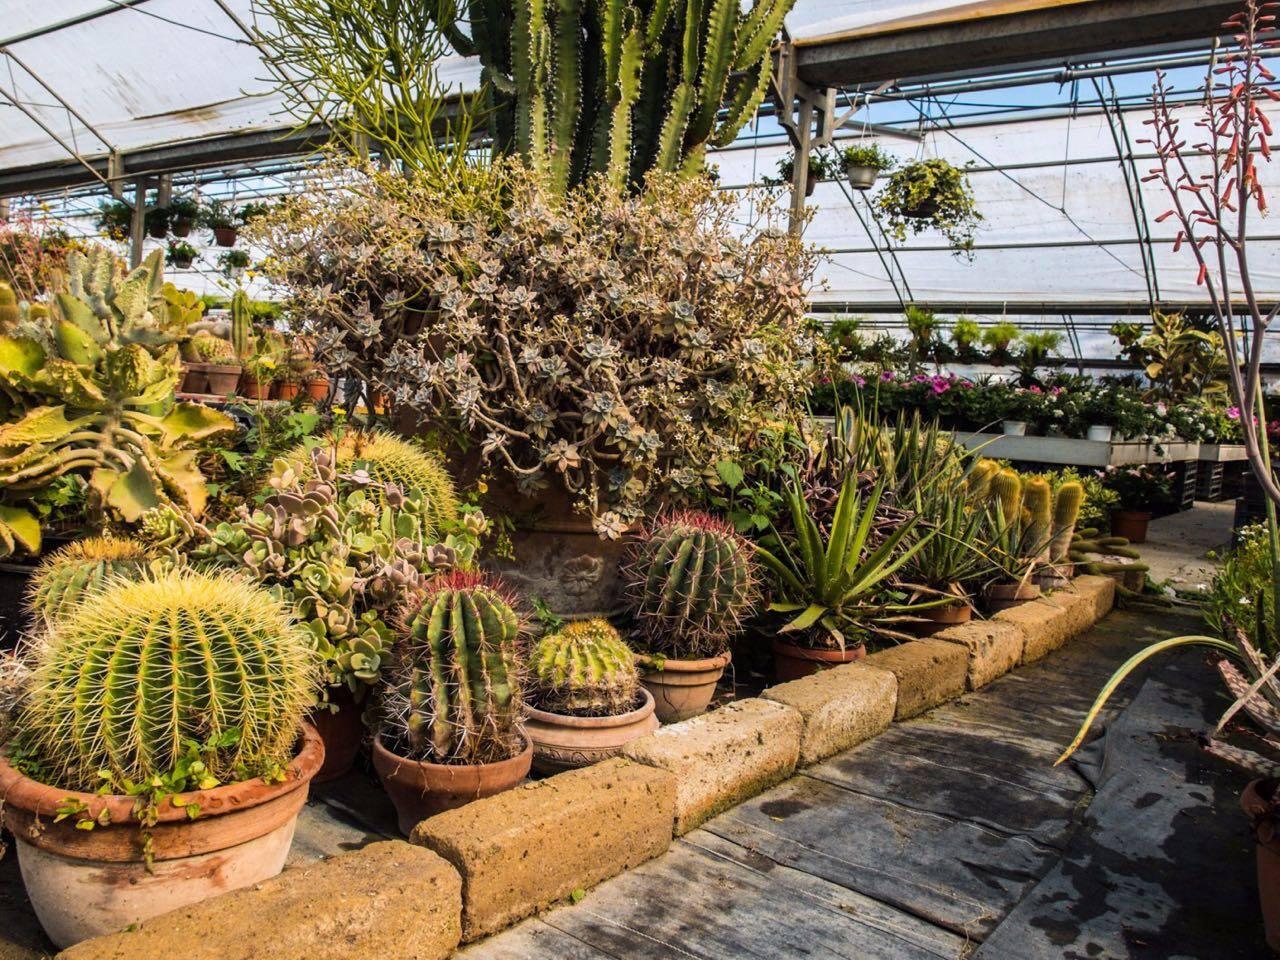 piante grasse nella serra